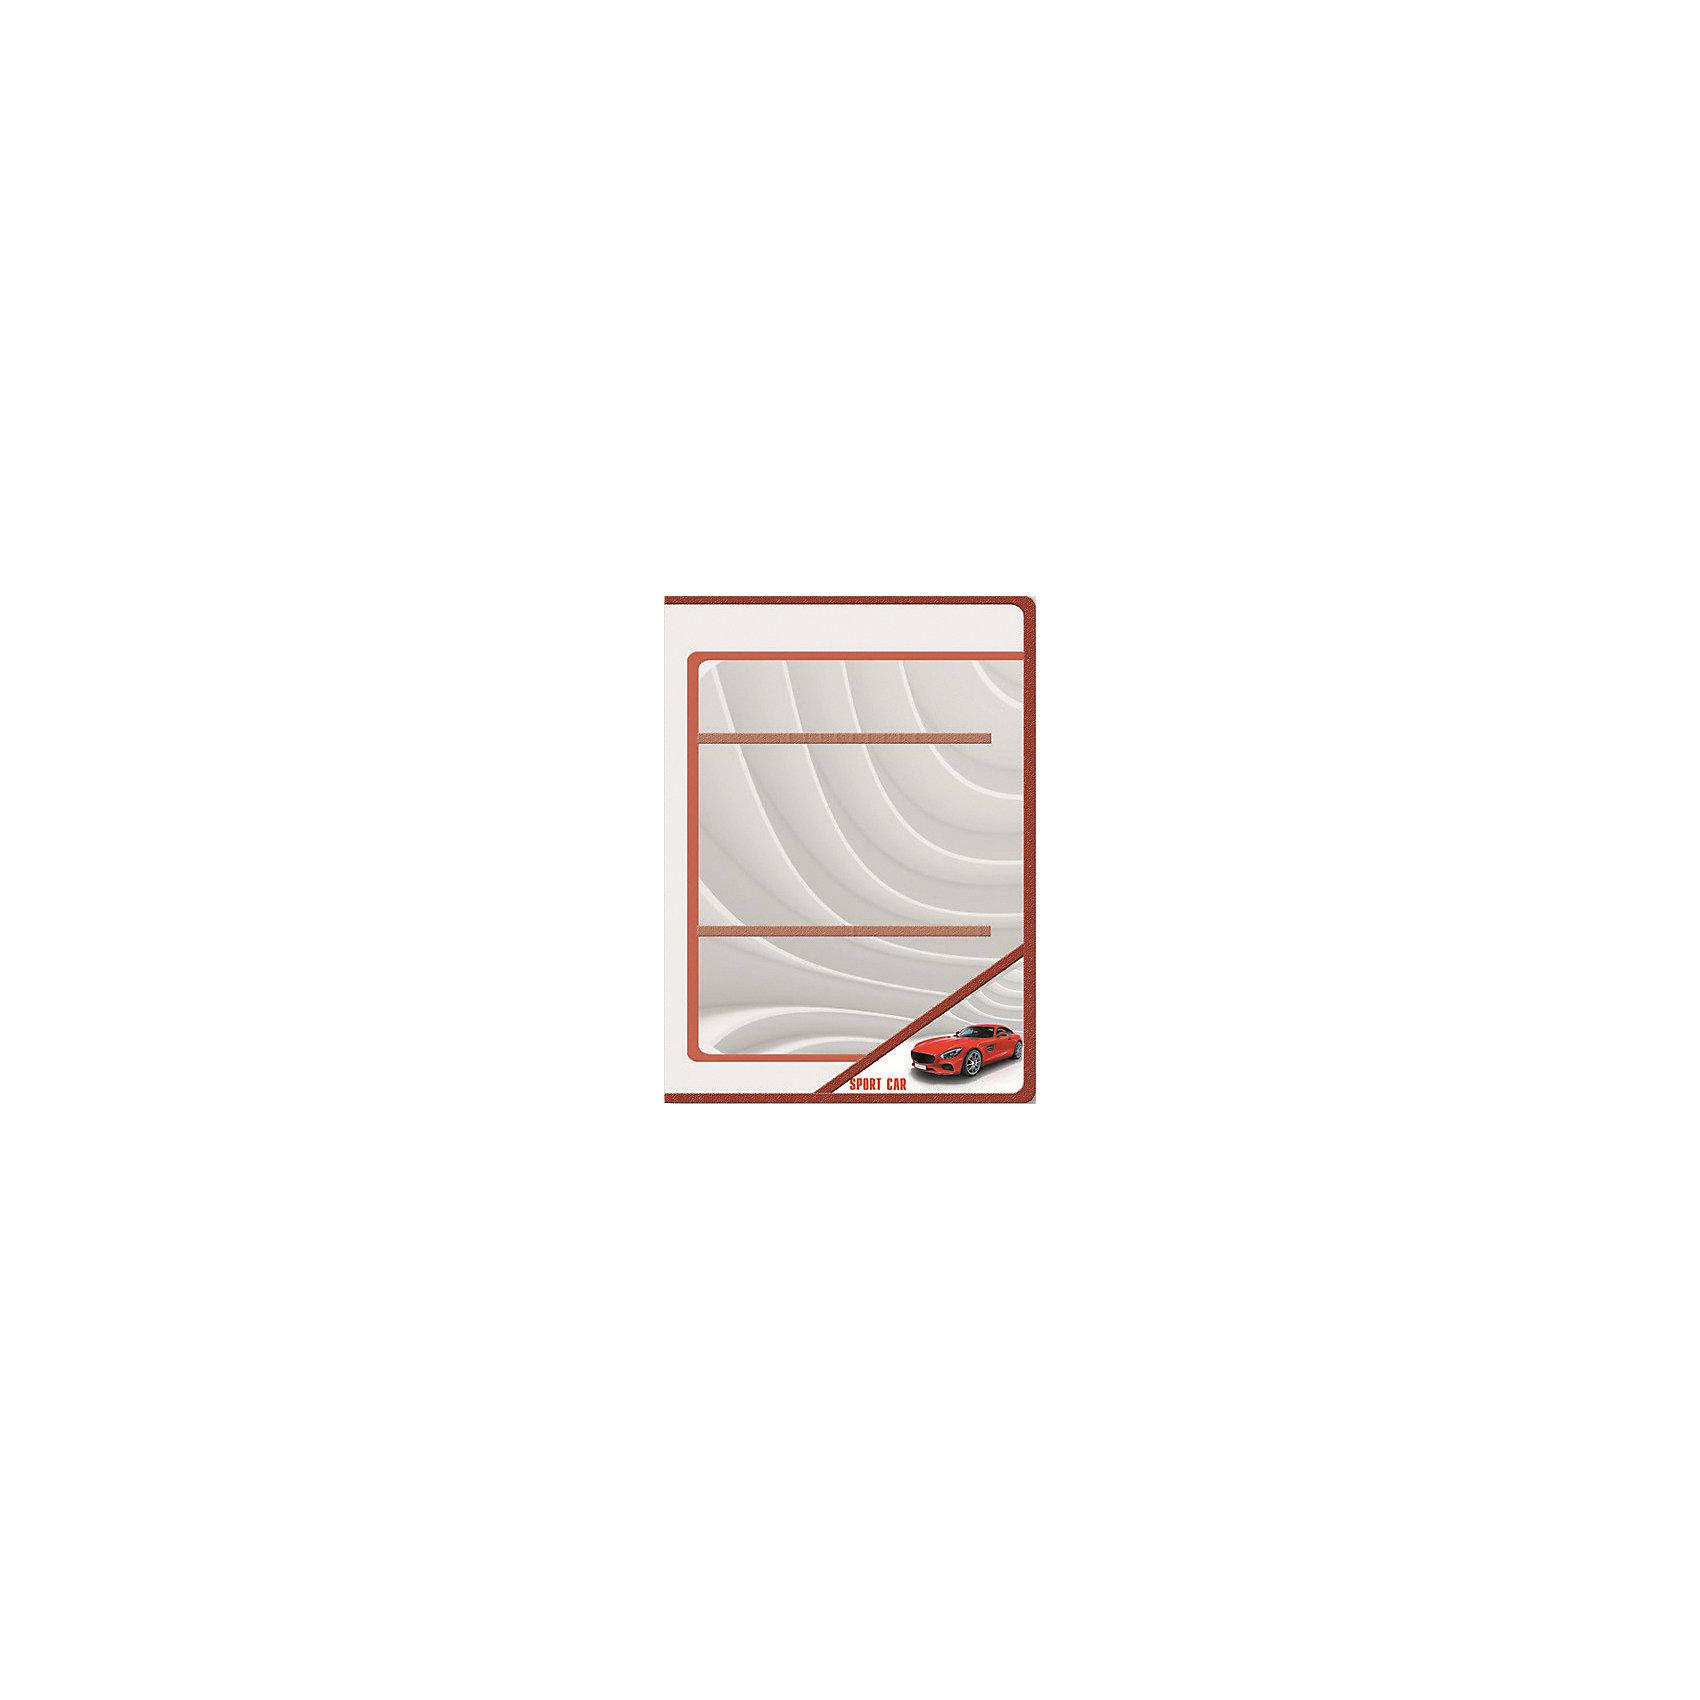 Папка для уроков труда Красное авто Феникс+Папки для труда<br>Папка д /уроков труда пластиковая КРАСНОЕ АВТО (А4, на молнии, внутр. блок. для канц. принадлежностей, 330х233 мм)<br><br>Ширина мм: 480<br>Глубина мм: 330<br>Высота мм: 10<br>Вес г: 135<br>Возраст от месяцев: 72<br>Возраст до месяцев: 2147483647<br>Пол: Унисекс<br>Возраст: Детский<br>SKU: 7046289